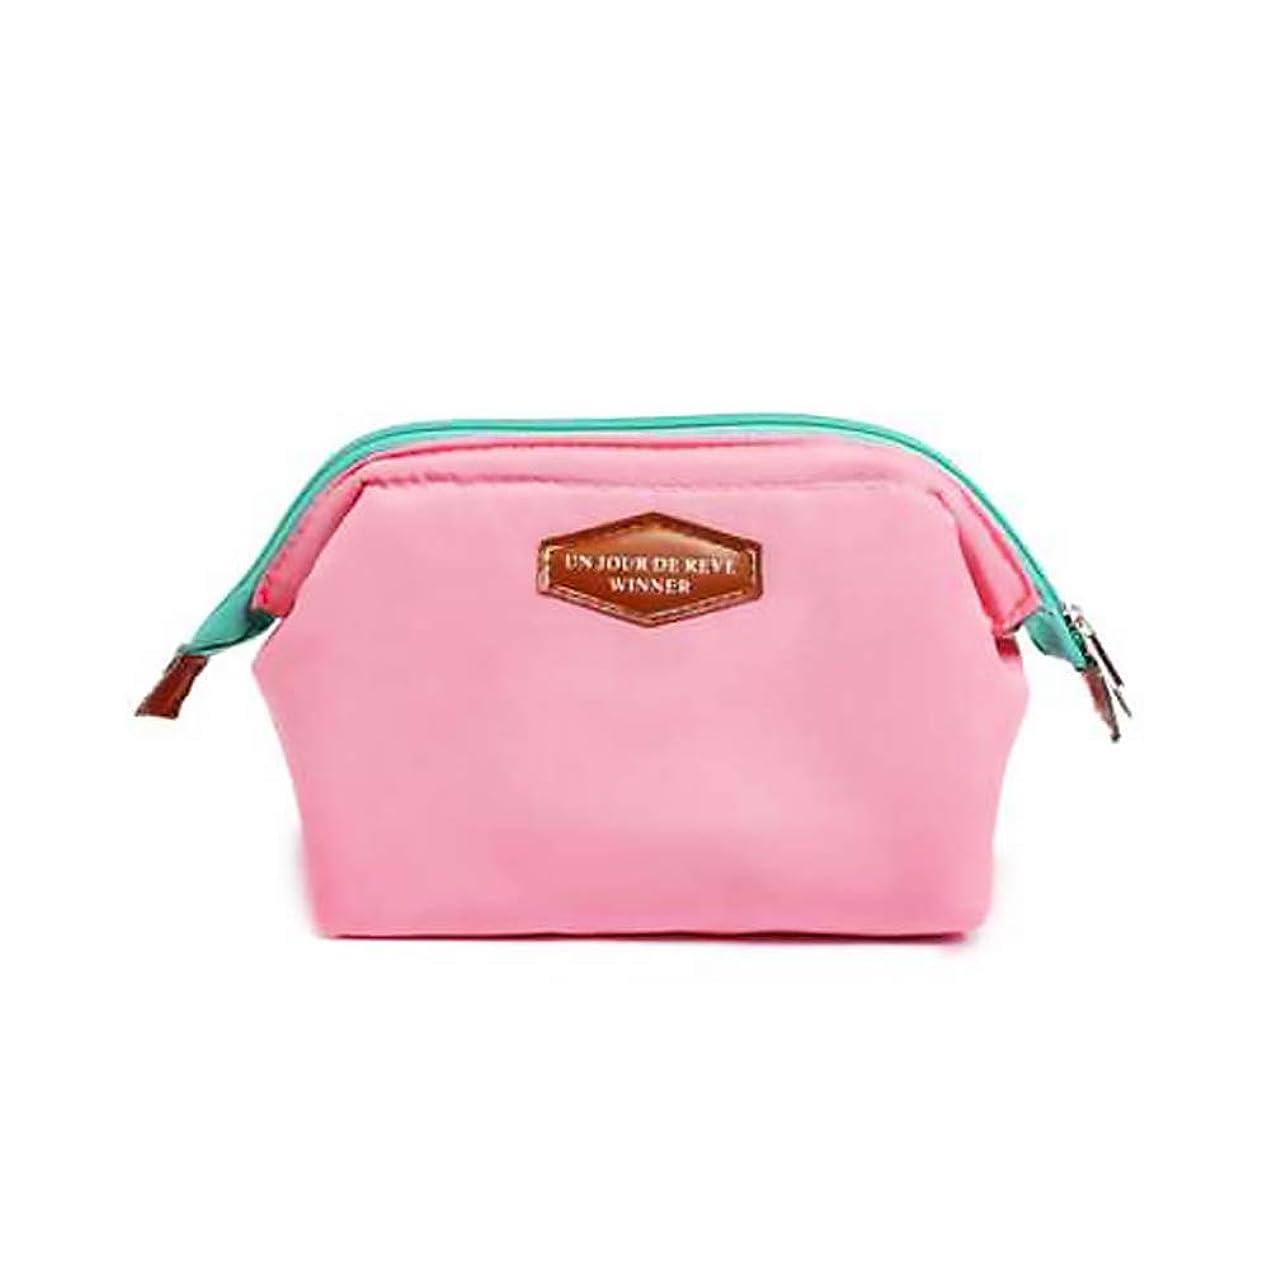 知人プレビュー平衡旅行化粧ポーチウォッシュバッグ化粧ブラシ多機能防水バッグ鮮明女性女の子ピンクを運ぶために化粧品ポーチ